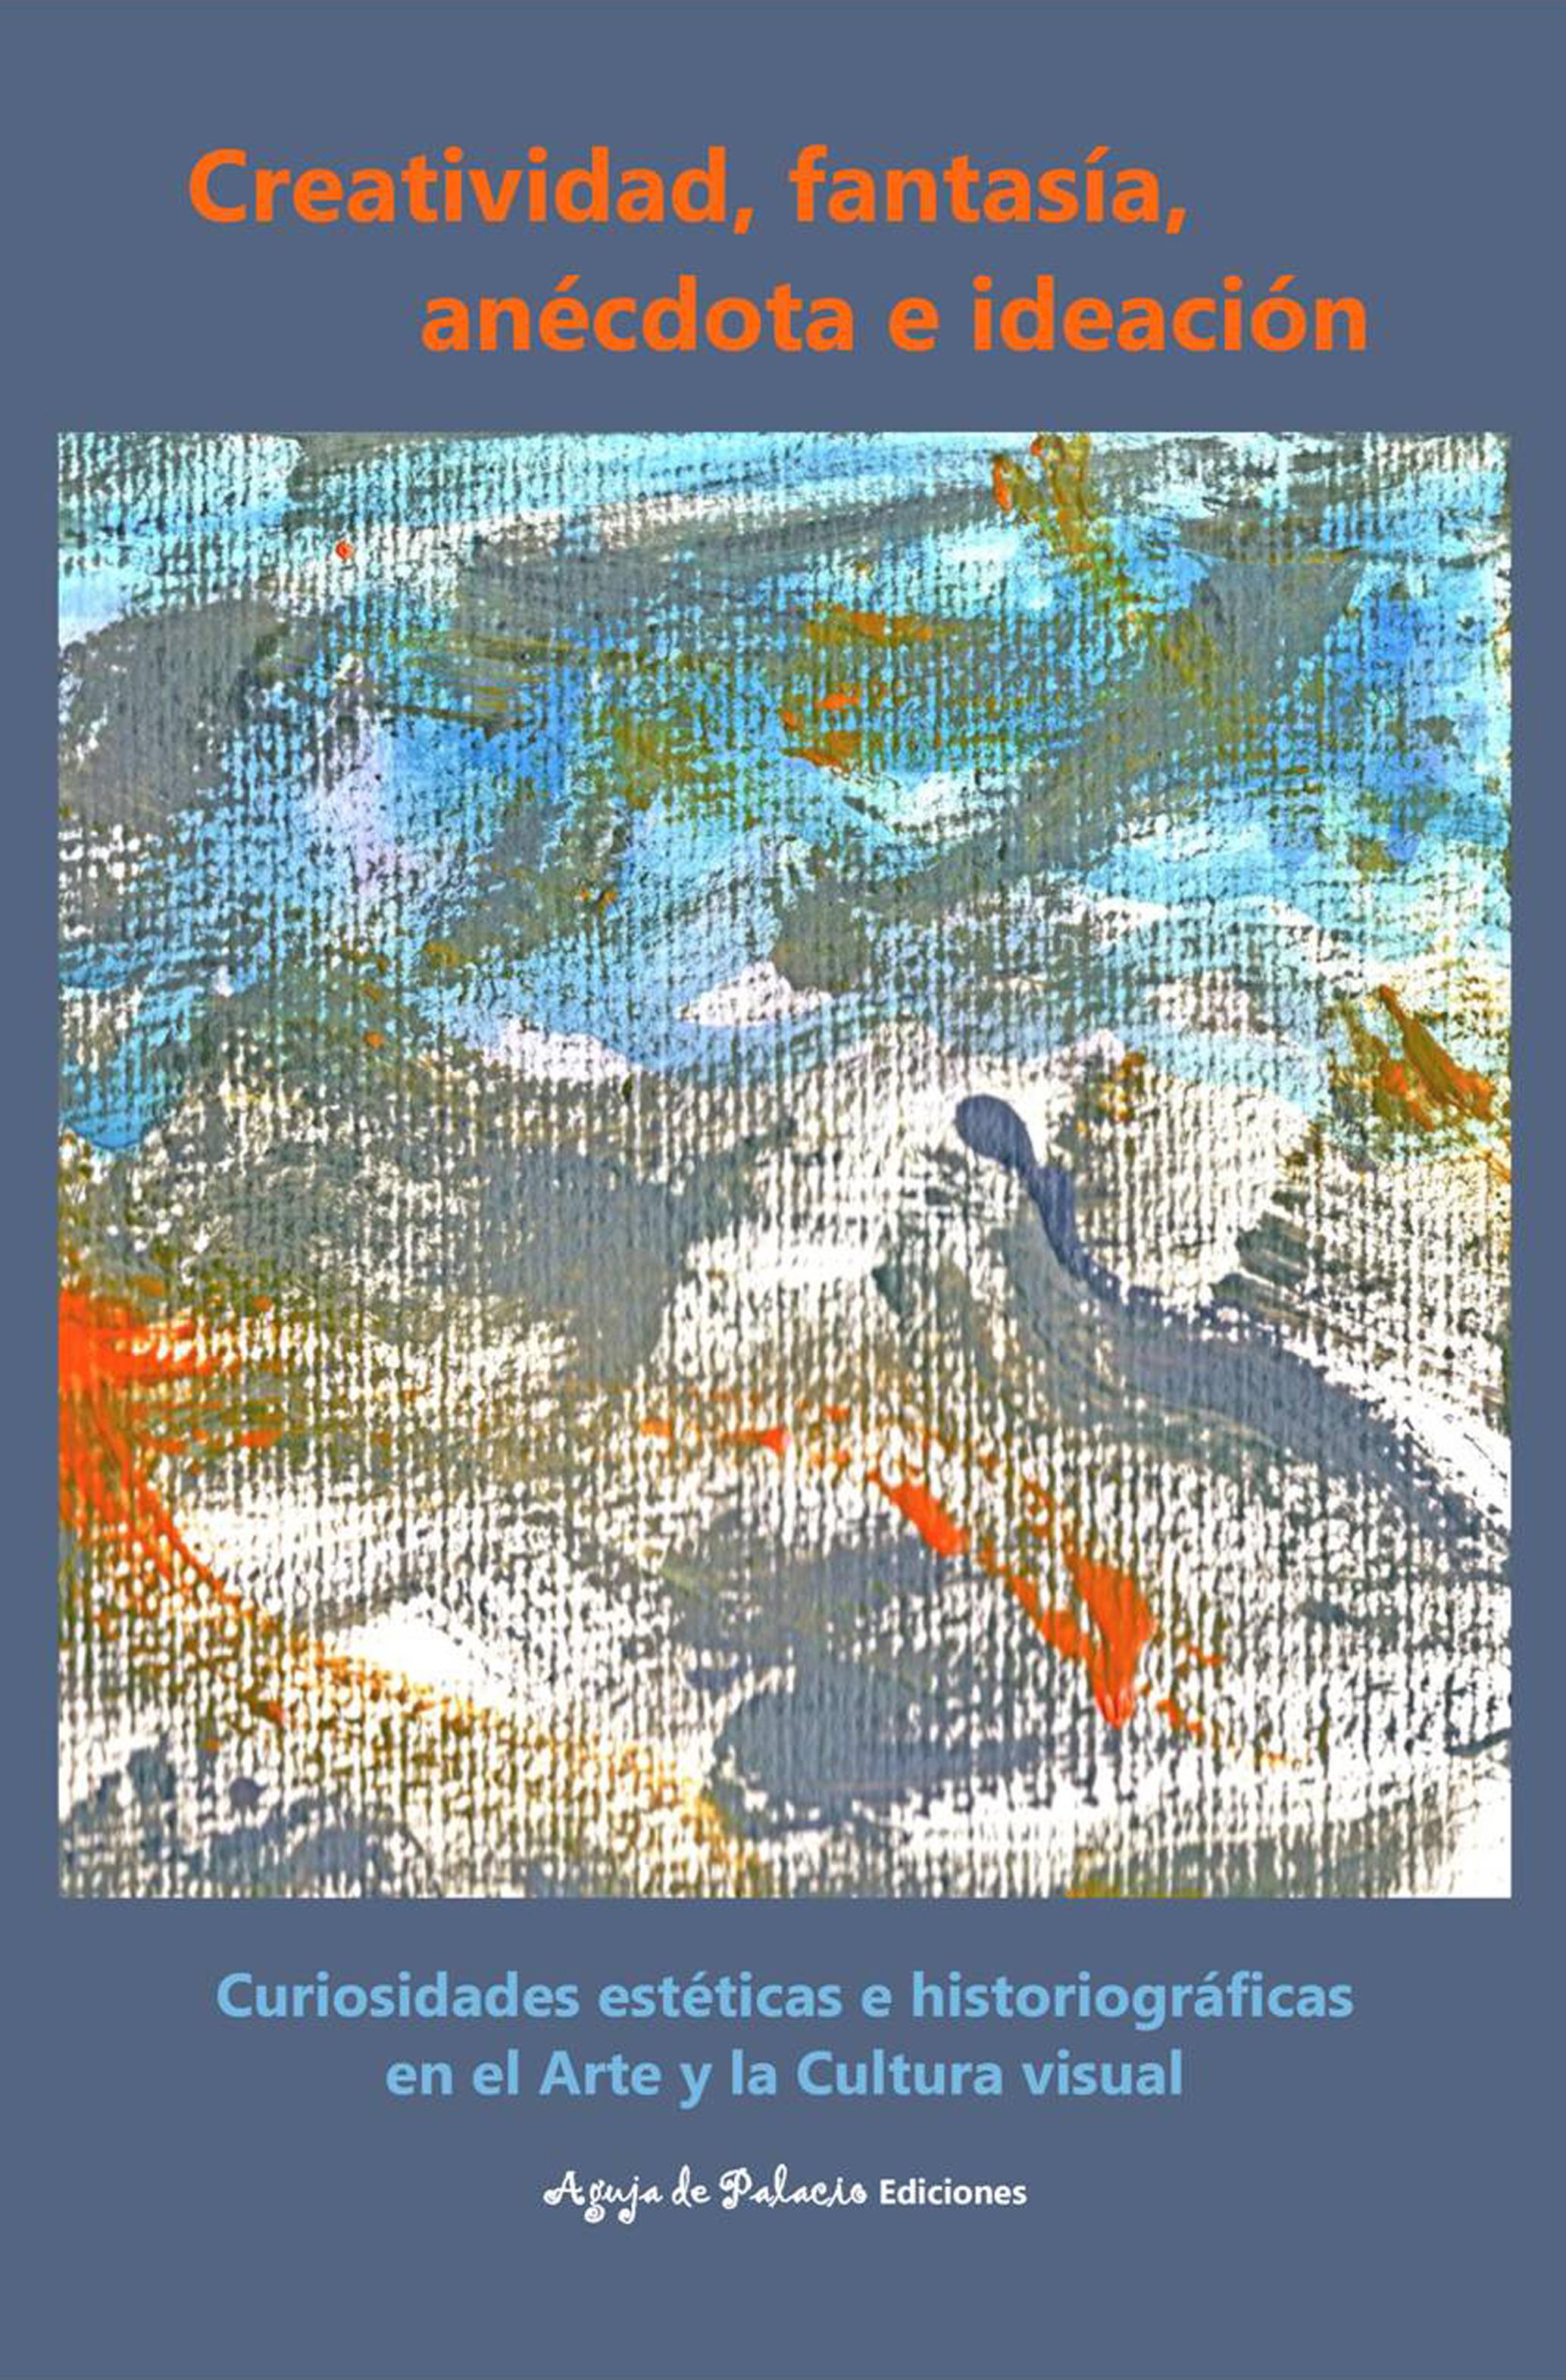 Imagen de la portada del libro Creatividad, fantasía, anécdota e ideación